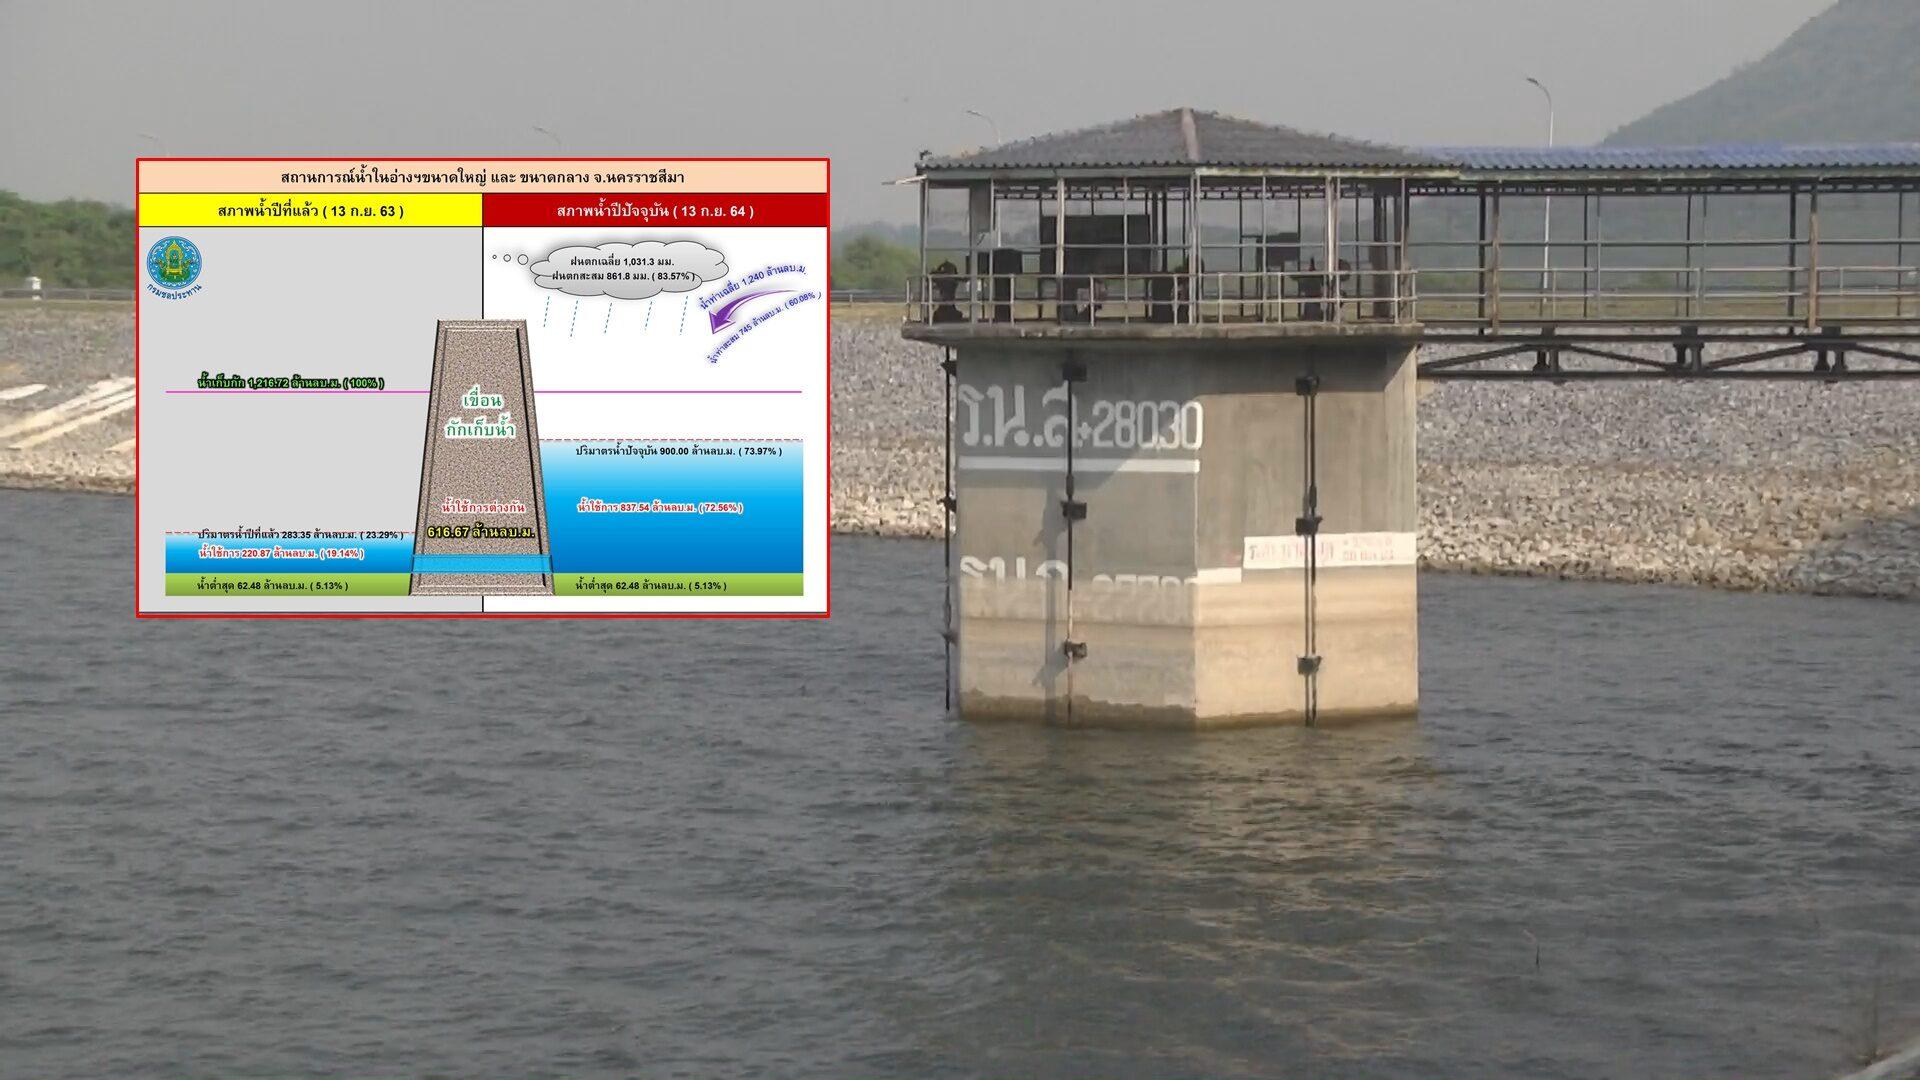 โคราชยังไหว! ชลประทาน 8 ยัน พายุ โกเซิน ไม่มีผลกระทบ เขื่อน 4 แห่ง รับน้ำได้อีกมาก